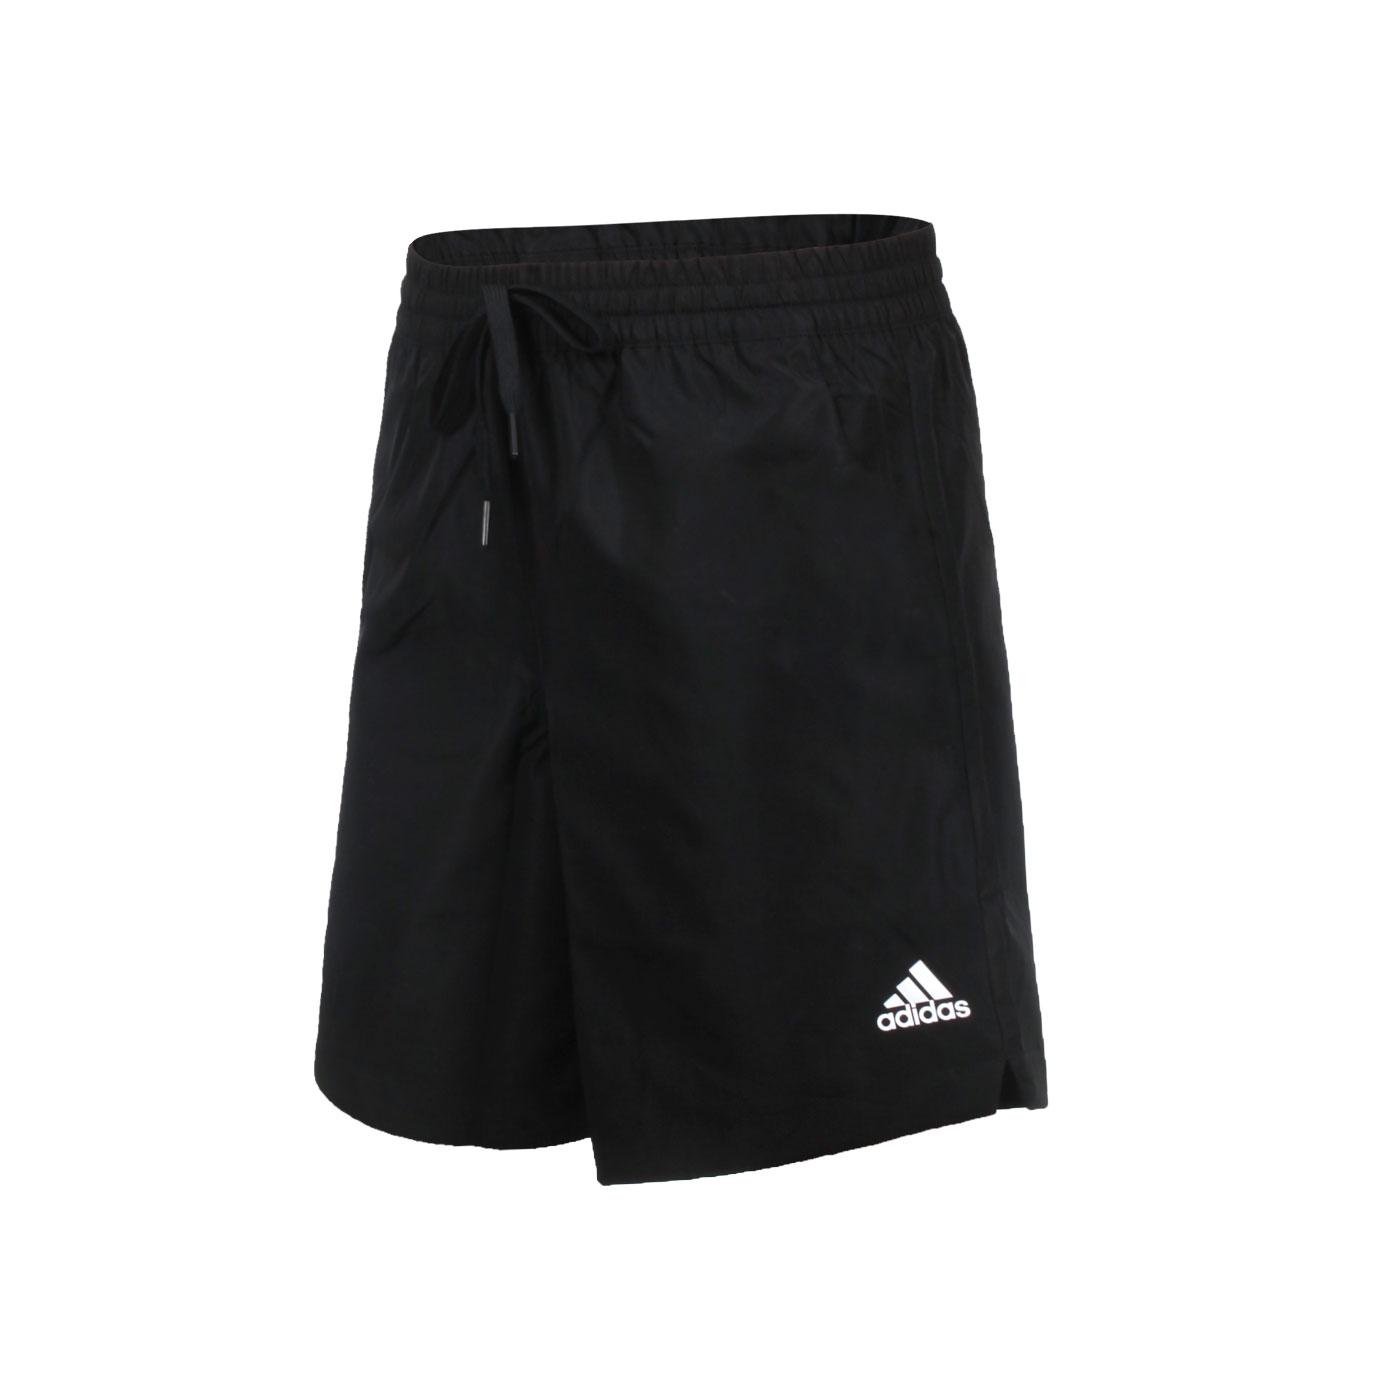 ADIDAS 女款運動短褲 GL0703